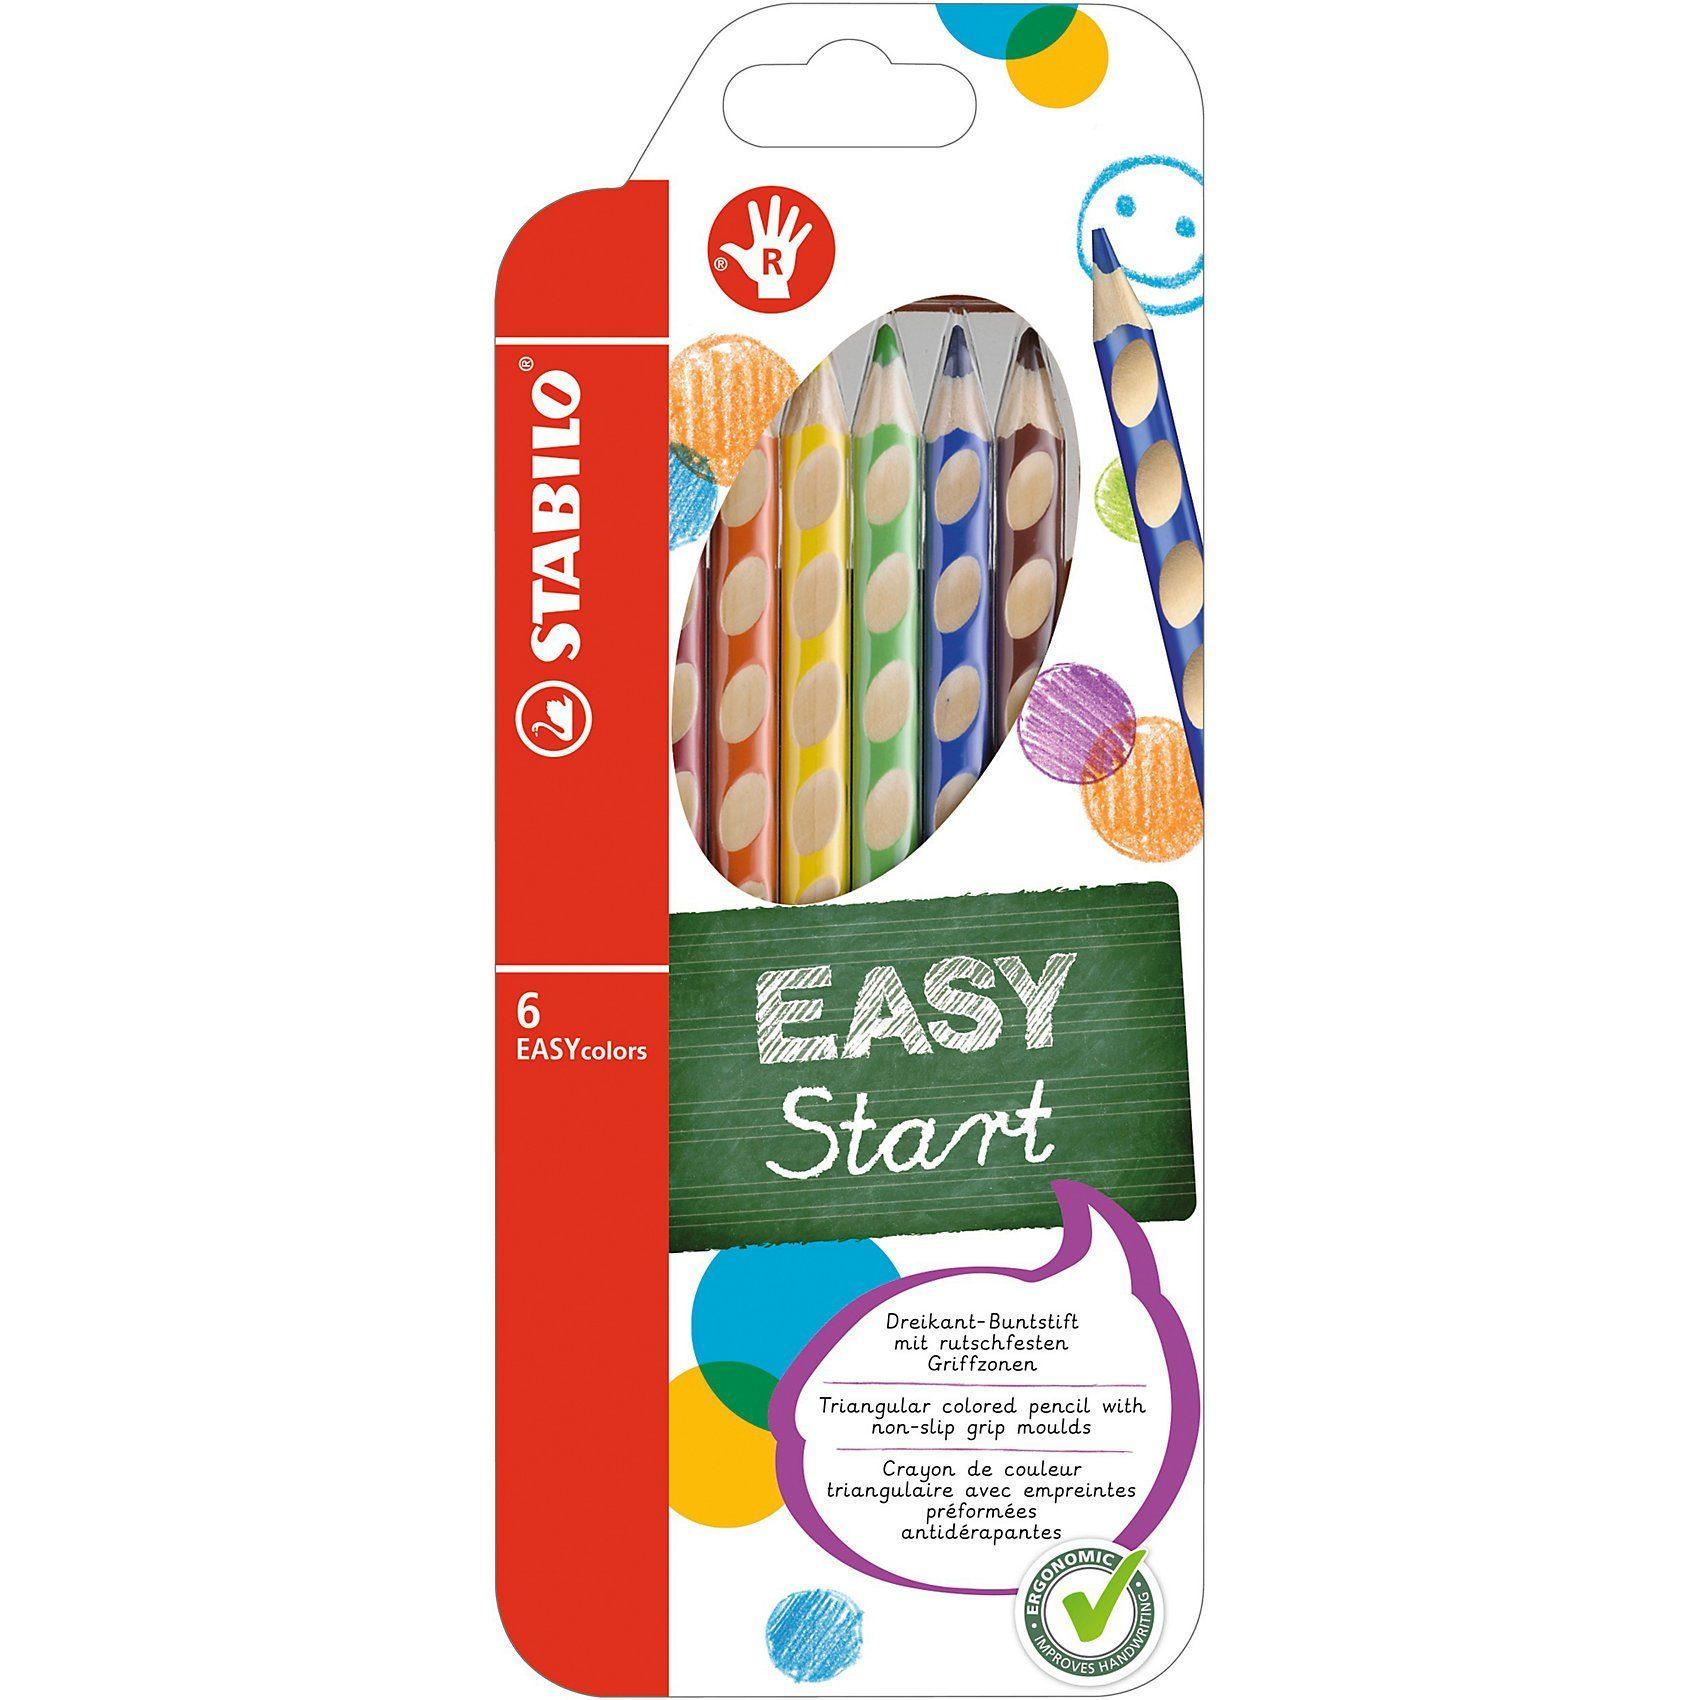 Stabilo Buntstift EASYcolors R, 6 Farben